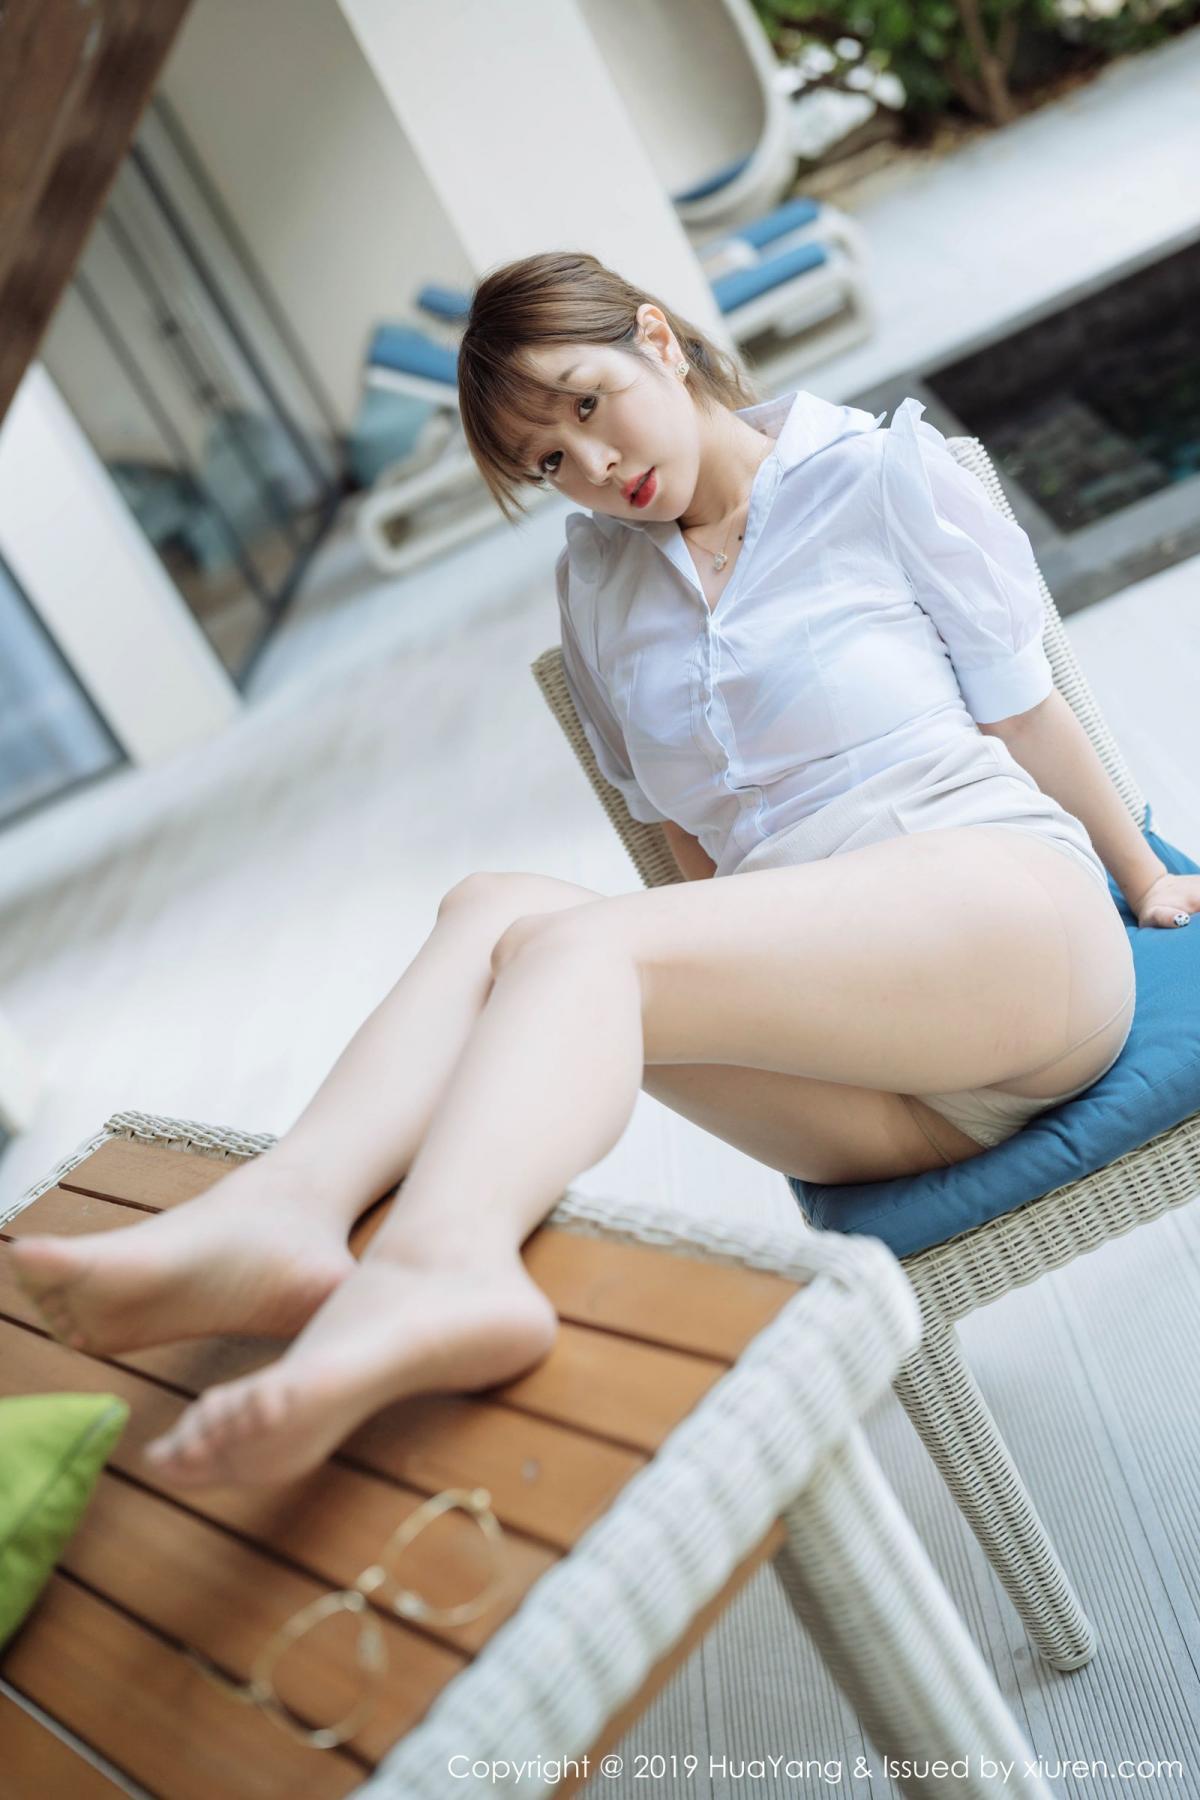 [Huayang] Vol.195 Wang Yu Chun 50P, Foot, HuaYang, Uniform, Wang Yu Chun